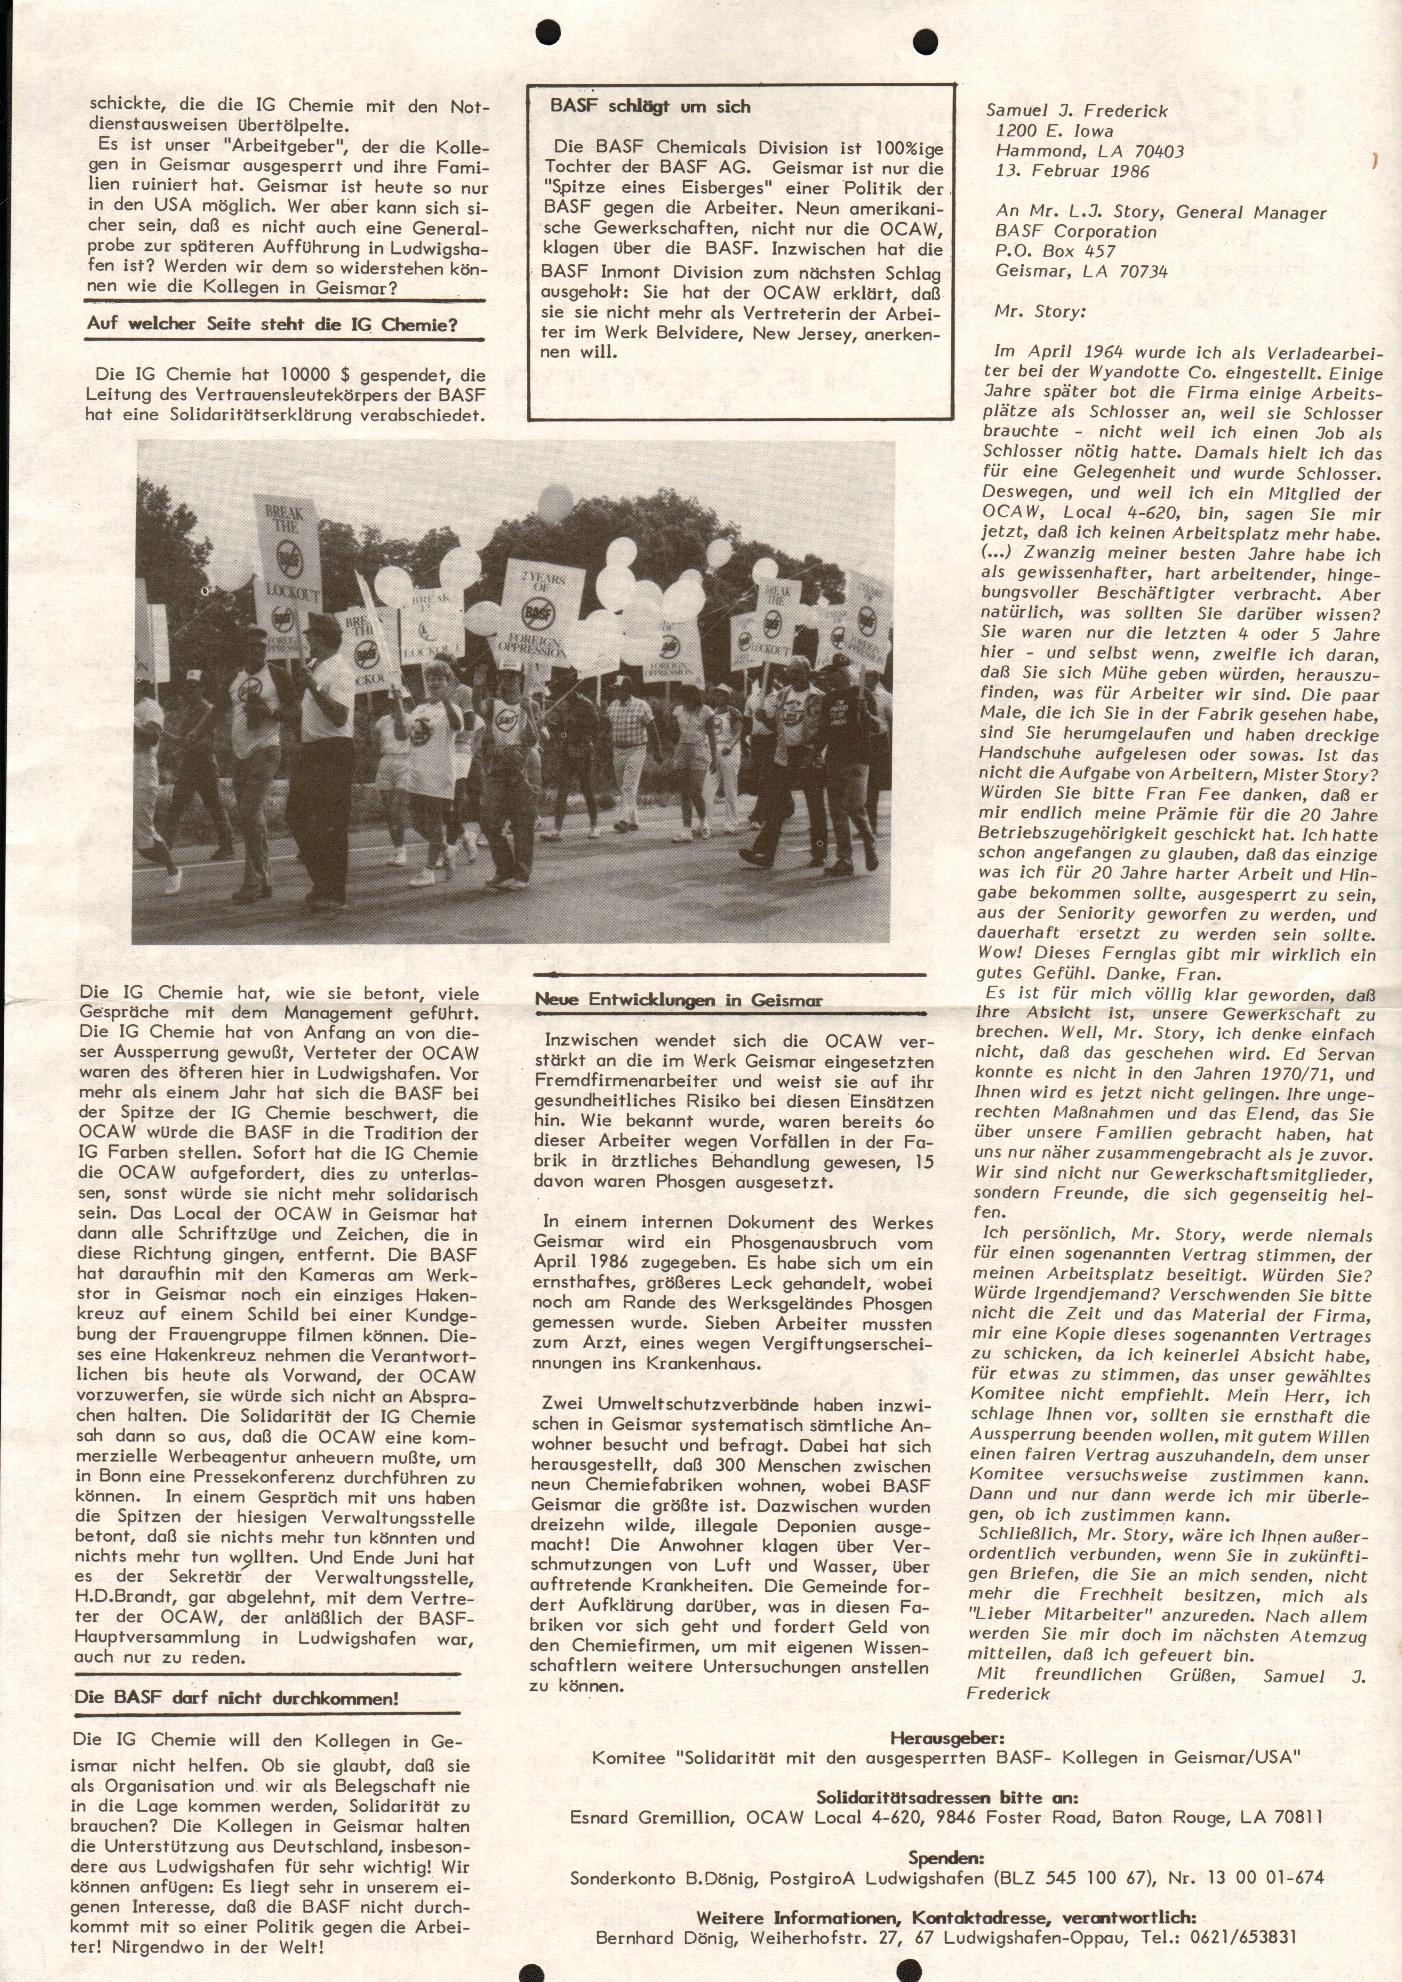 USA_BASF_Aussperrung_in_Geismar_1986_1_04